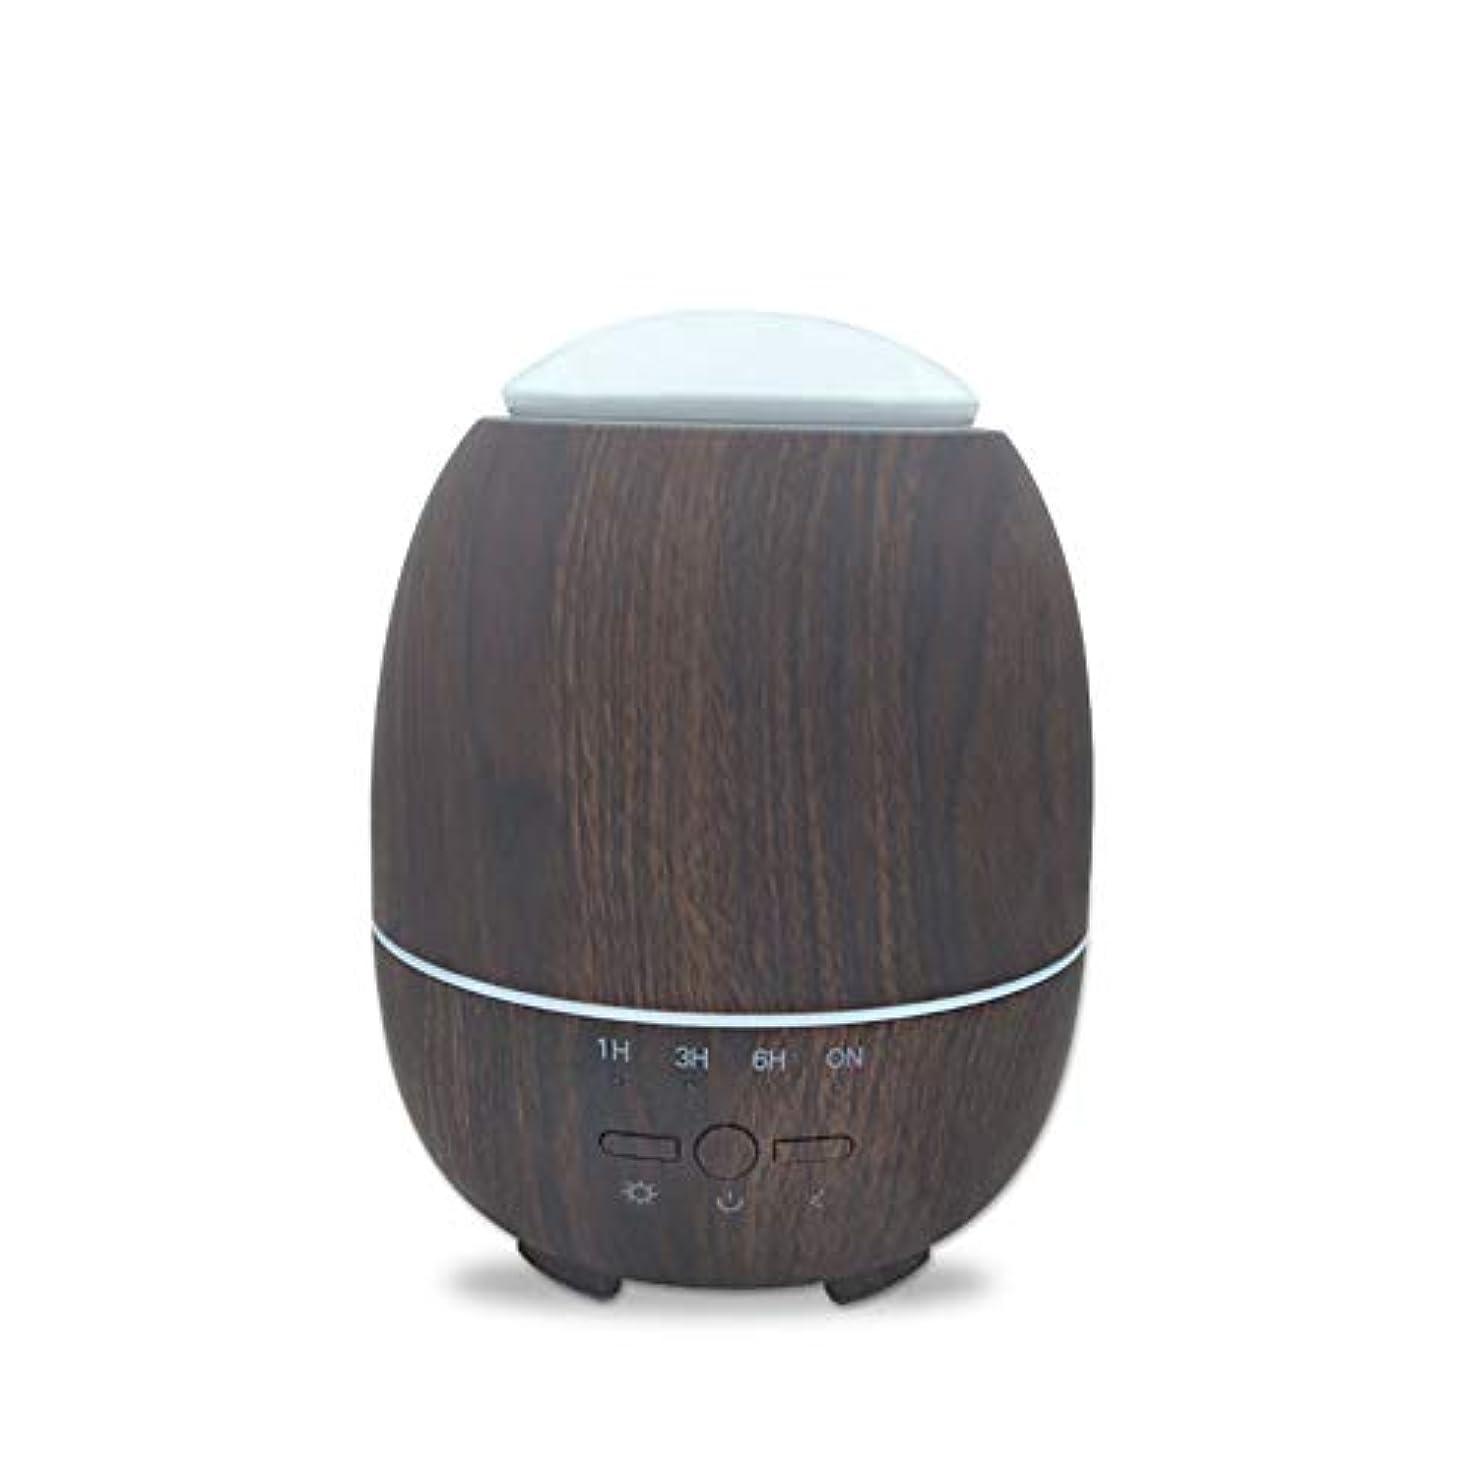 タオルチャンバー中央値アロマエッセンシャルオイルクールミスト加湿器、ウッドグレインアロマディフューザー、スーパーハイアロマ出力、調節可能ミストモード、7色LEDライト,deepgrain